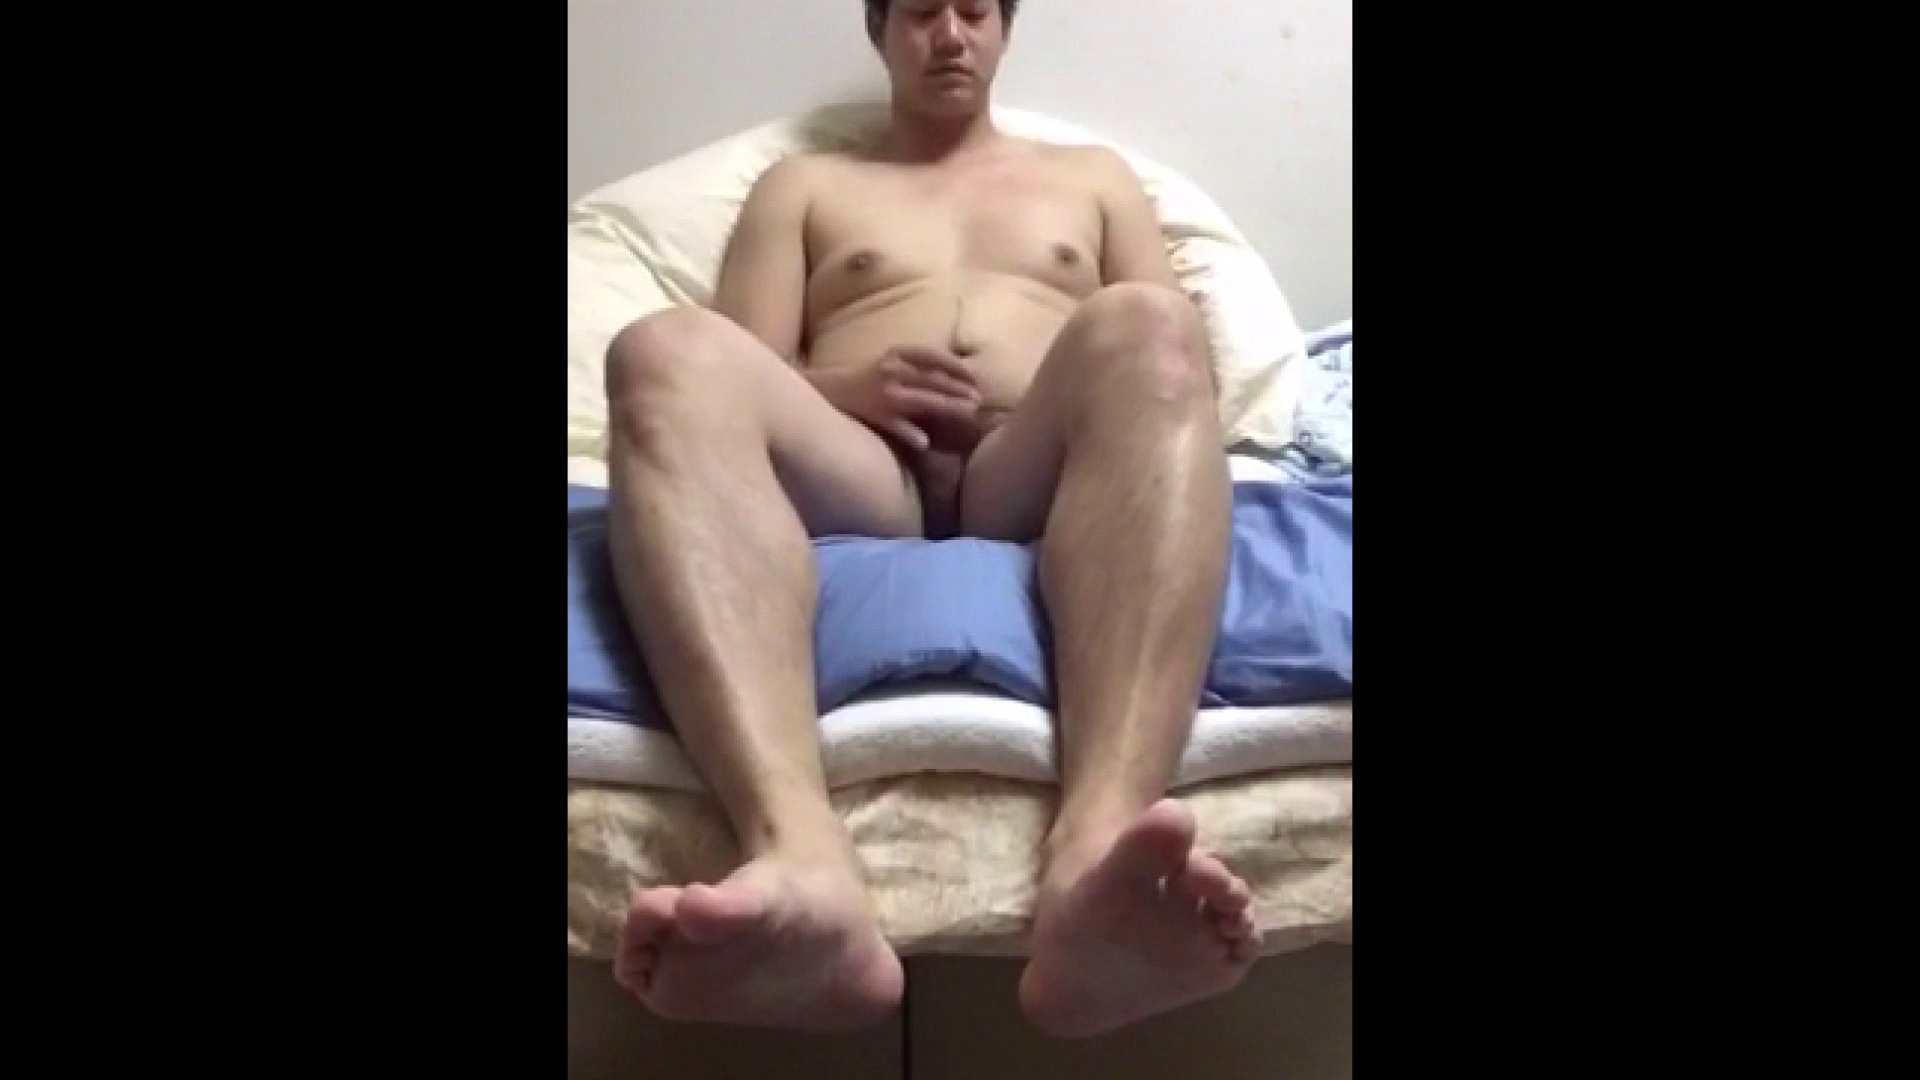 個人撮影 自慰の極意 Vol.18 オナニー ゲイエロビデオ画像 52pic 39